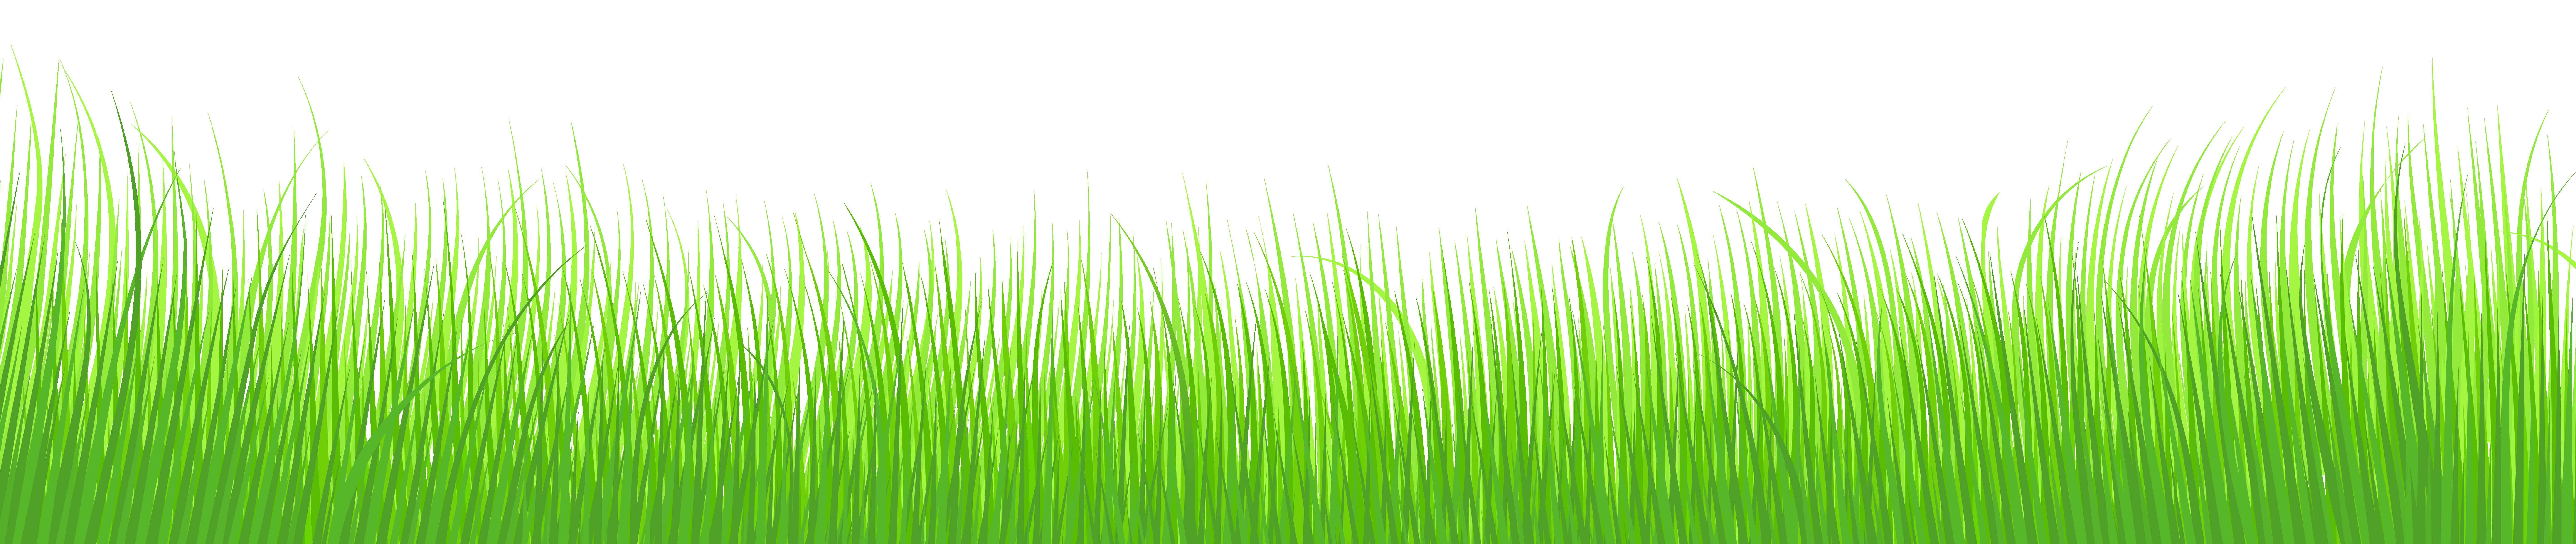 Free transparent grass.